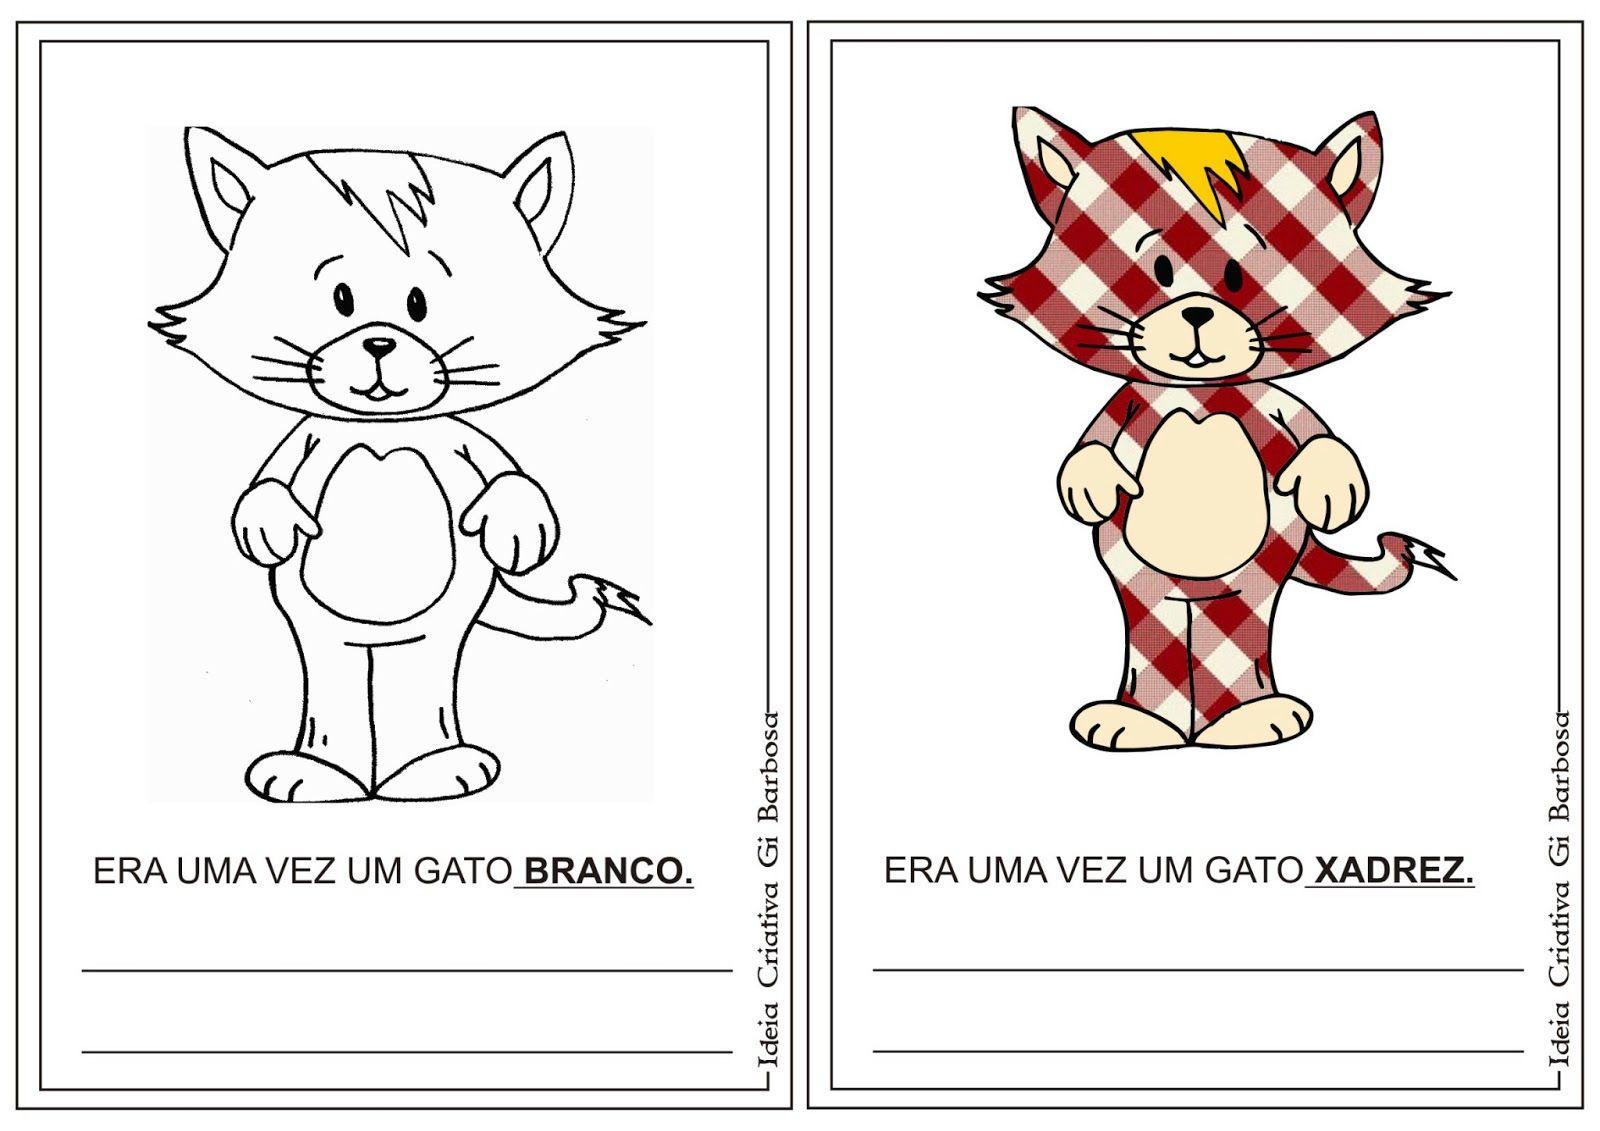 Livrinho Para Montar Era Uma Vez Um Gato Xadrez Com Imagens